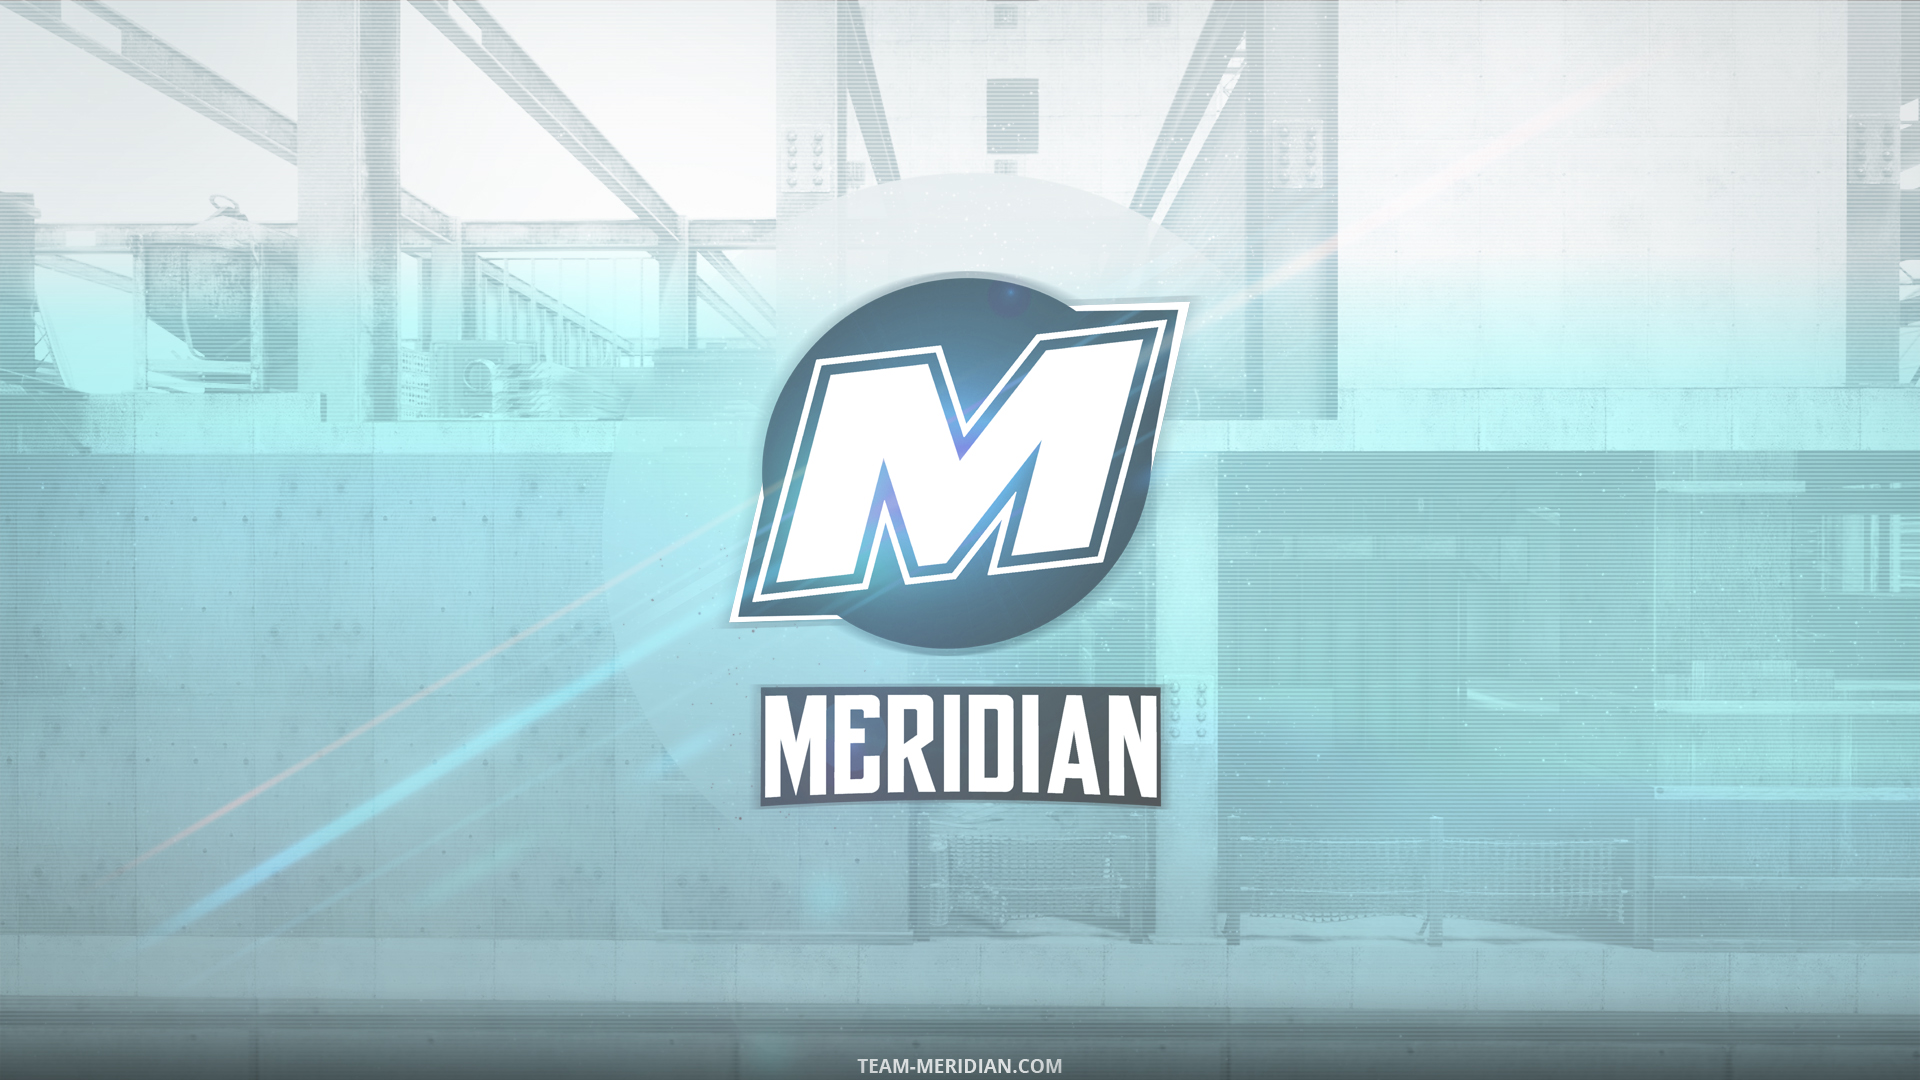 team-meridian.com